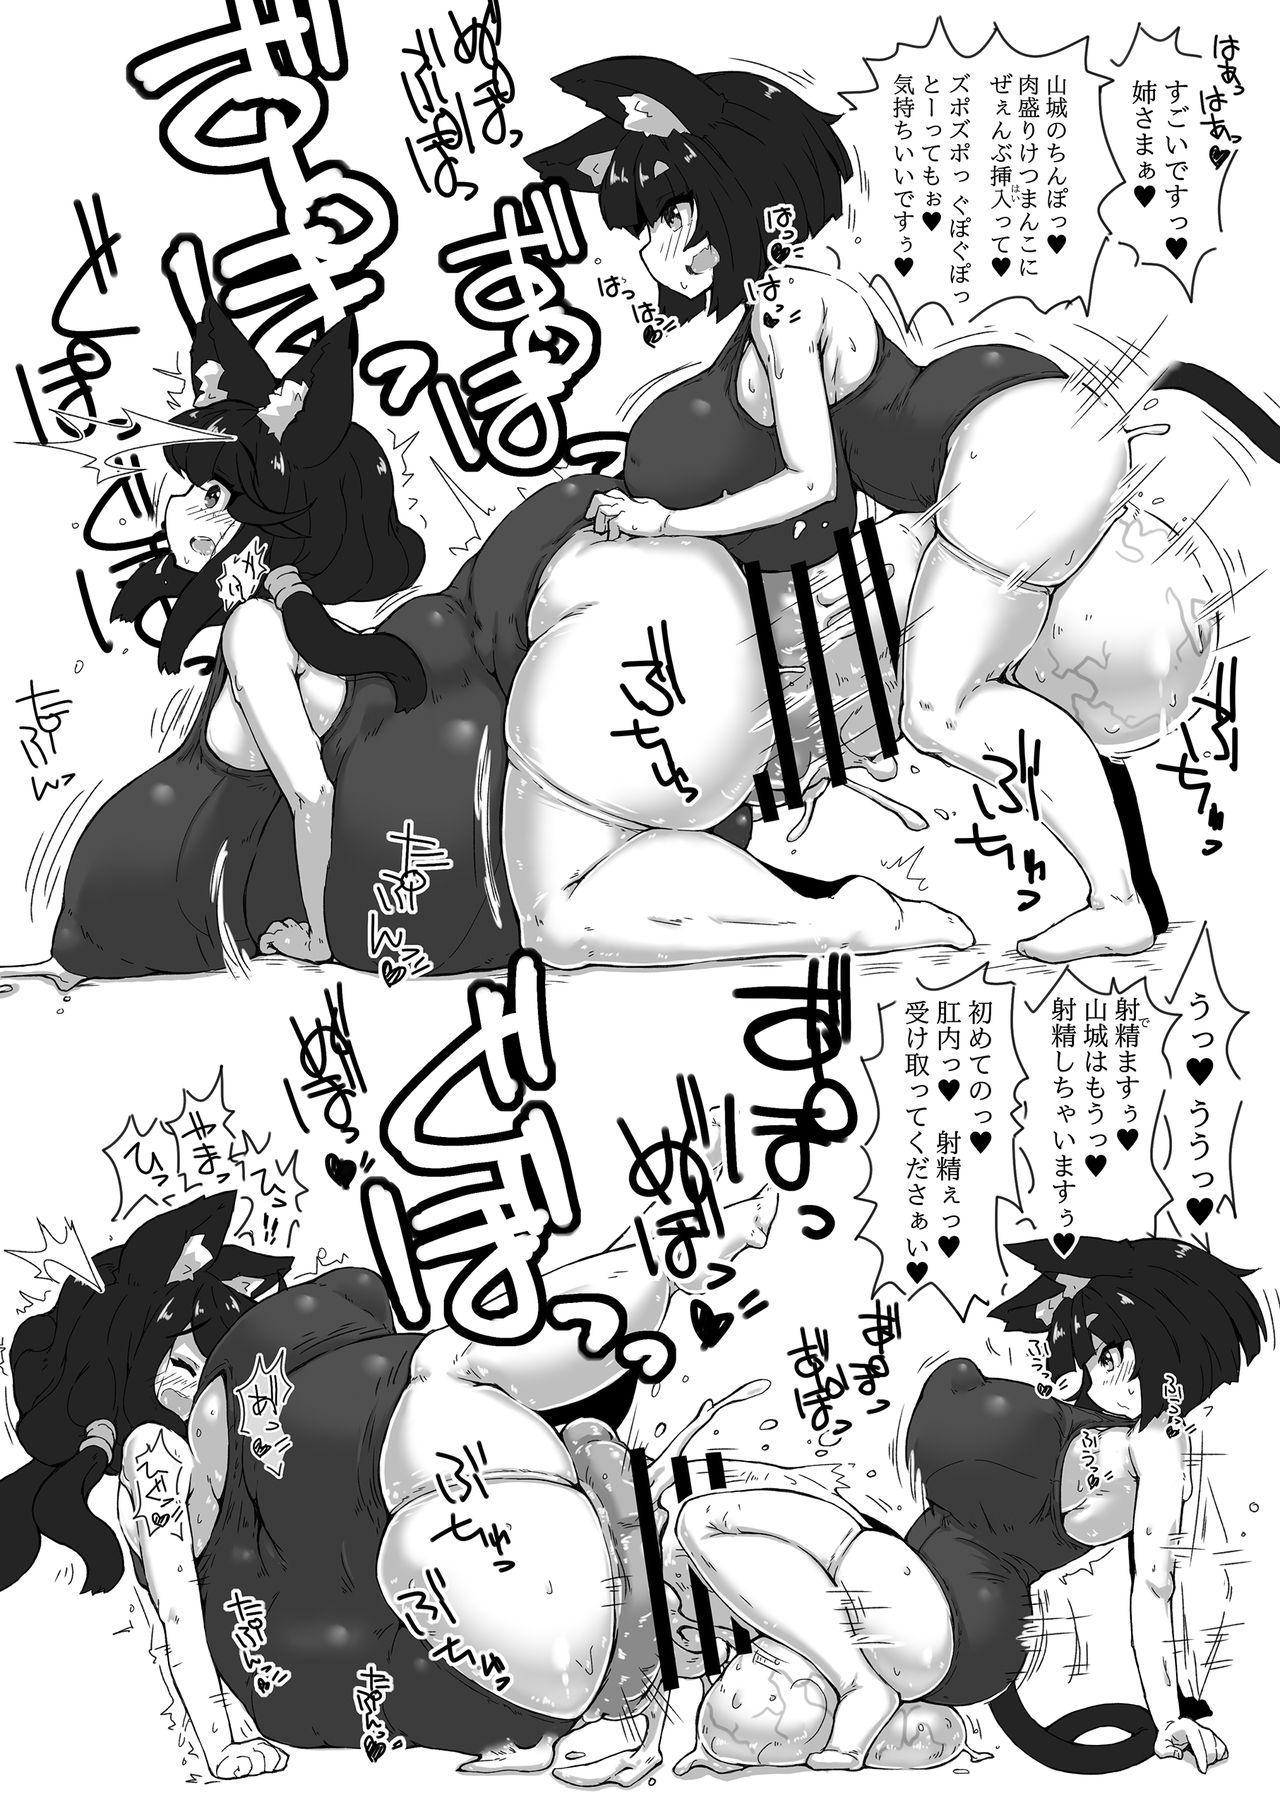 Futanari Kansen Hentai Seiko Report 5